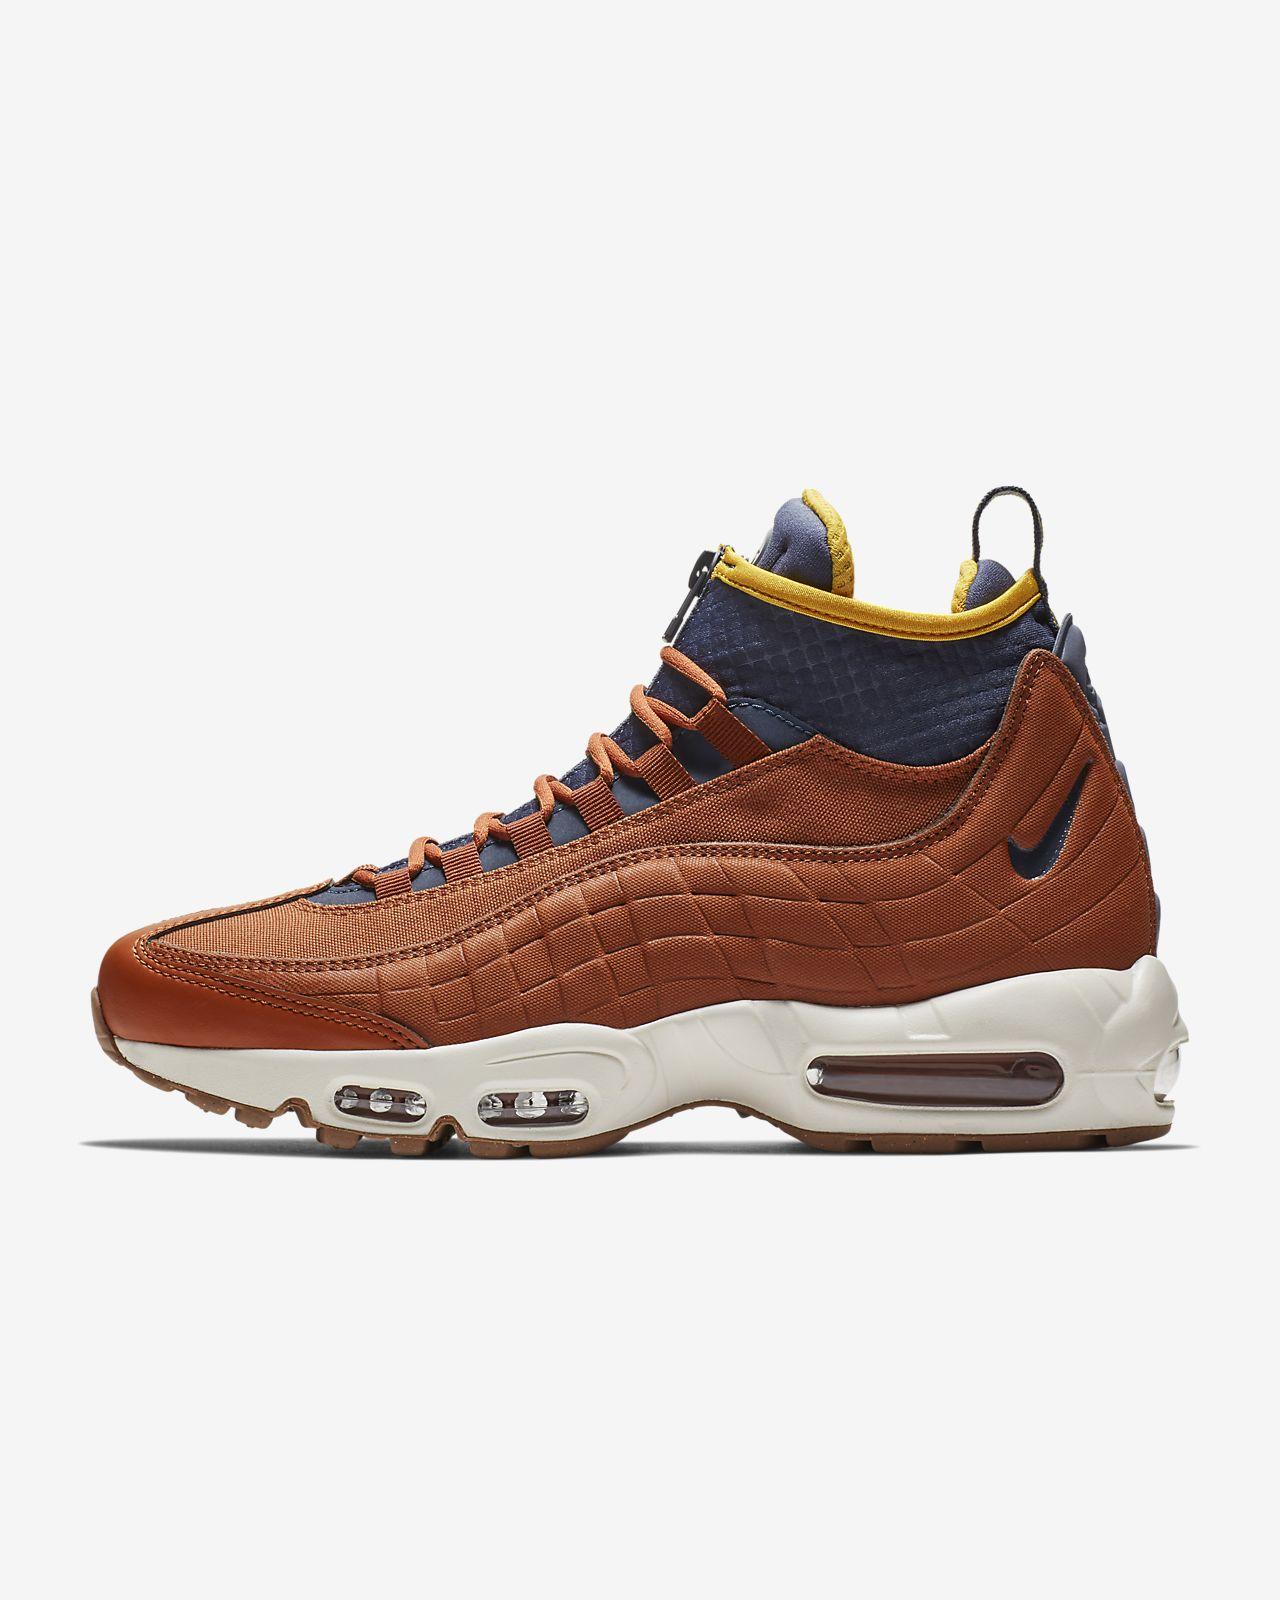 b3845a743fc5 Nike Air Max 95 SneakerBoot Men s Boot. Nike.com HU